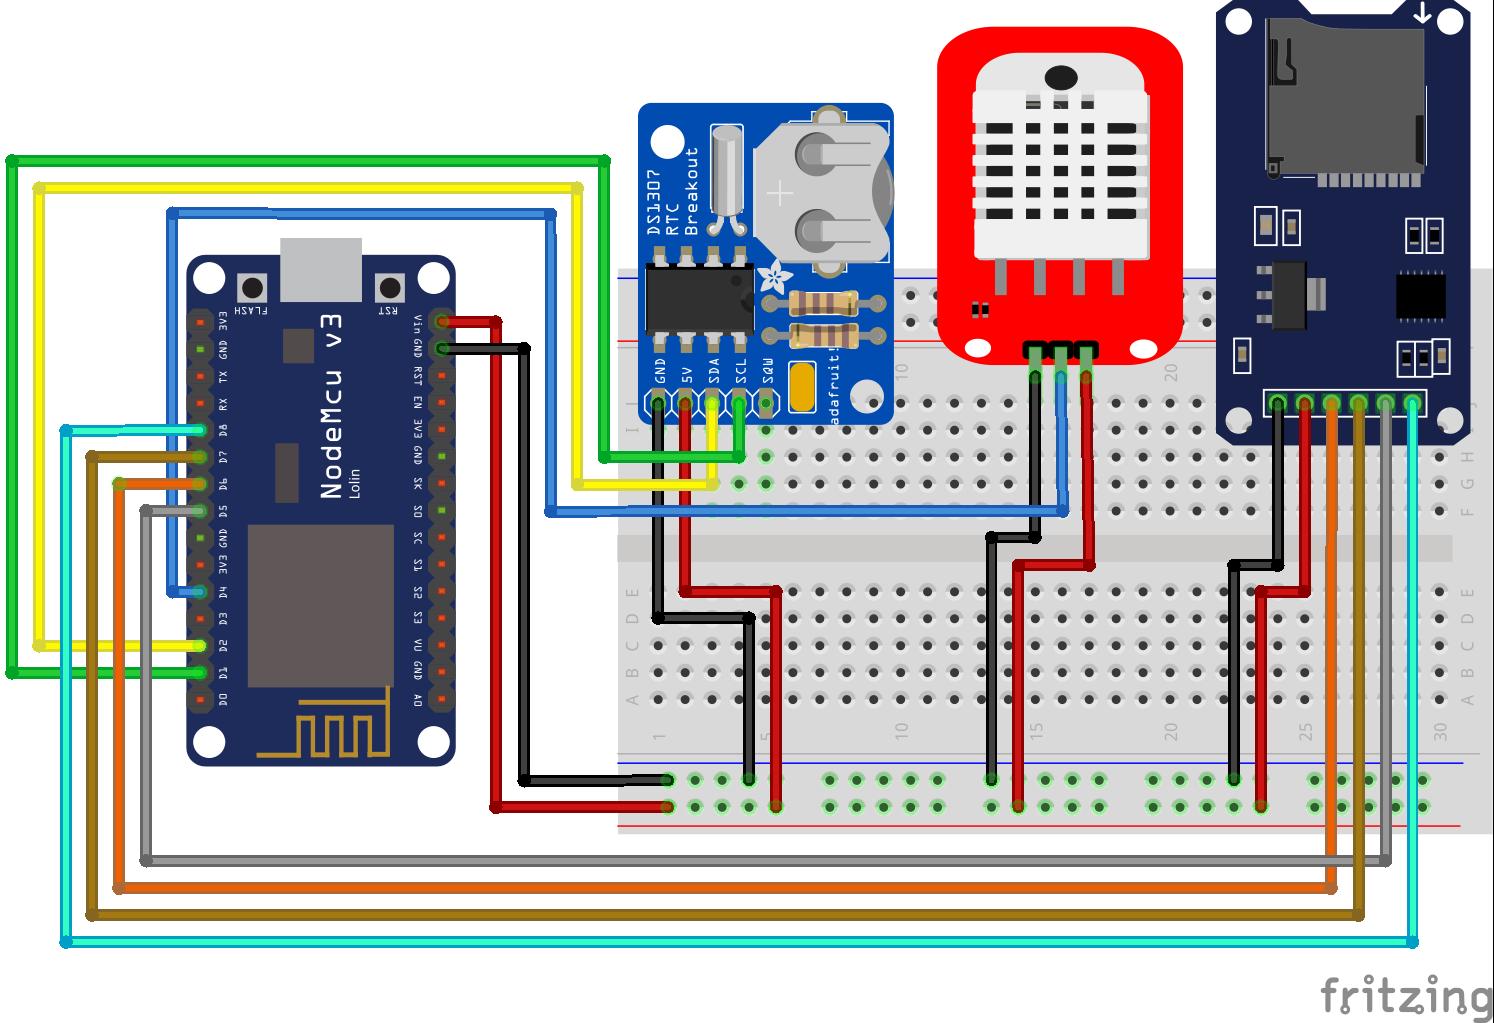 Temperaturelogger RTC ESP8266 NodeMCU